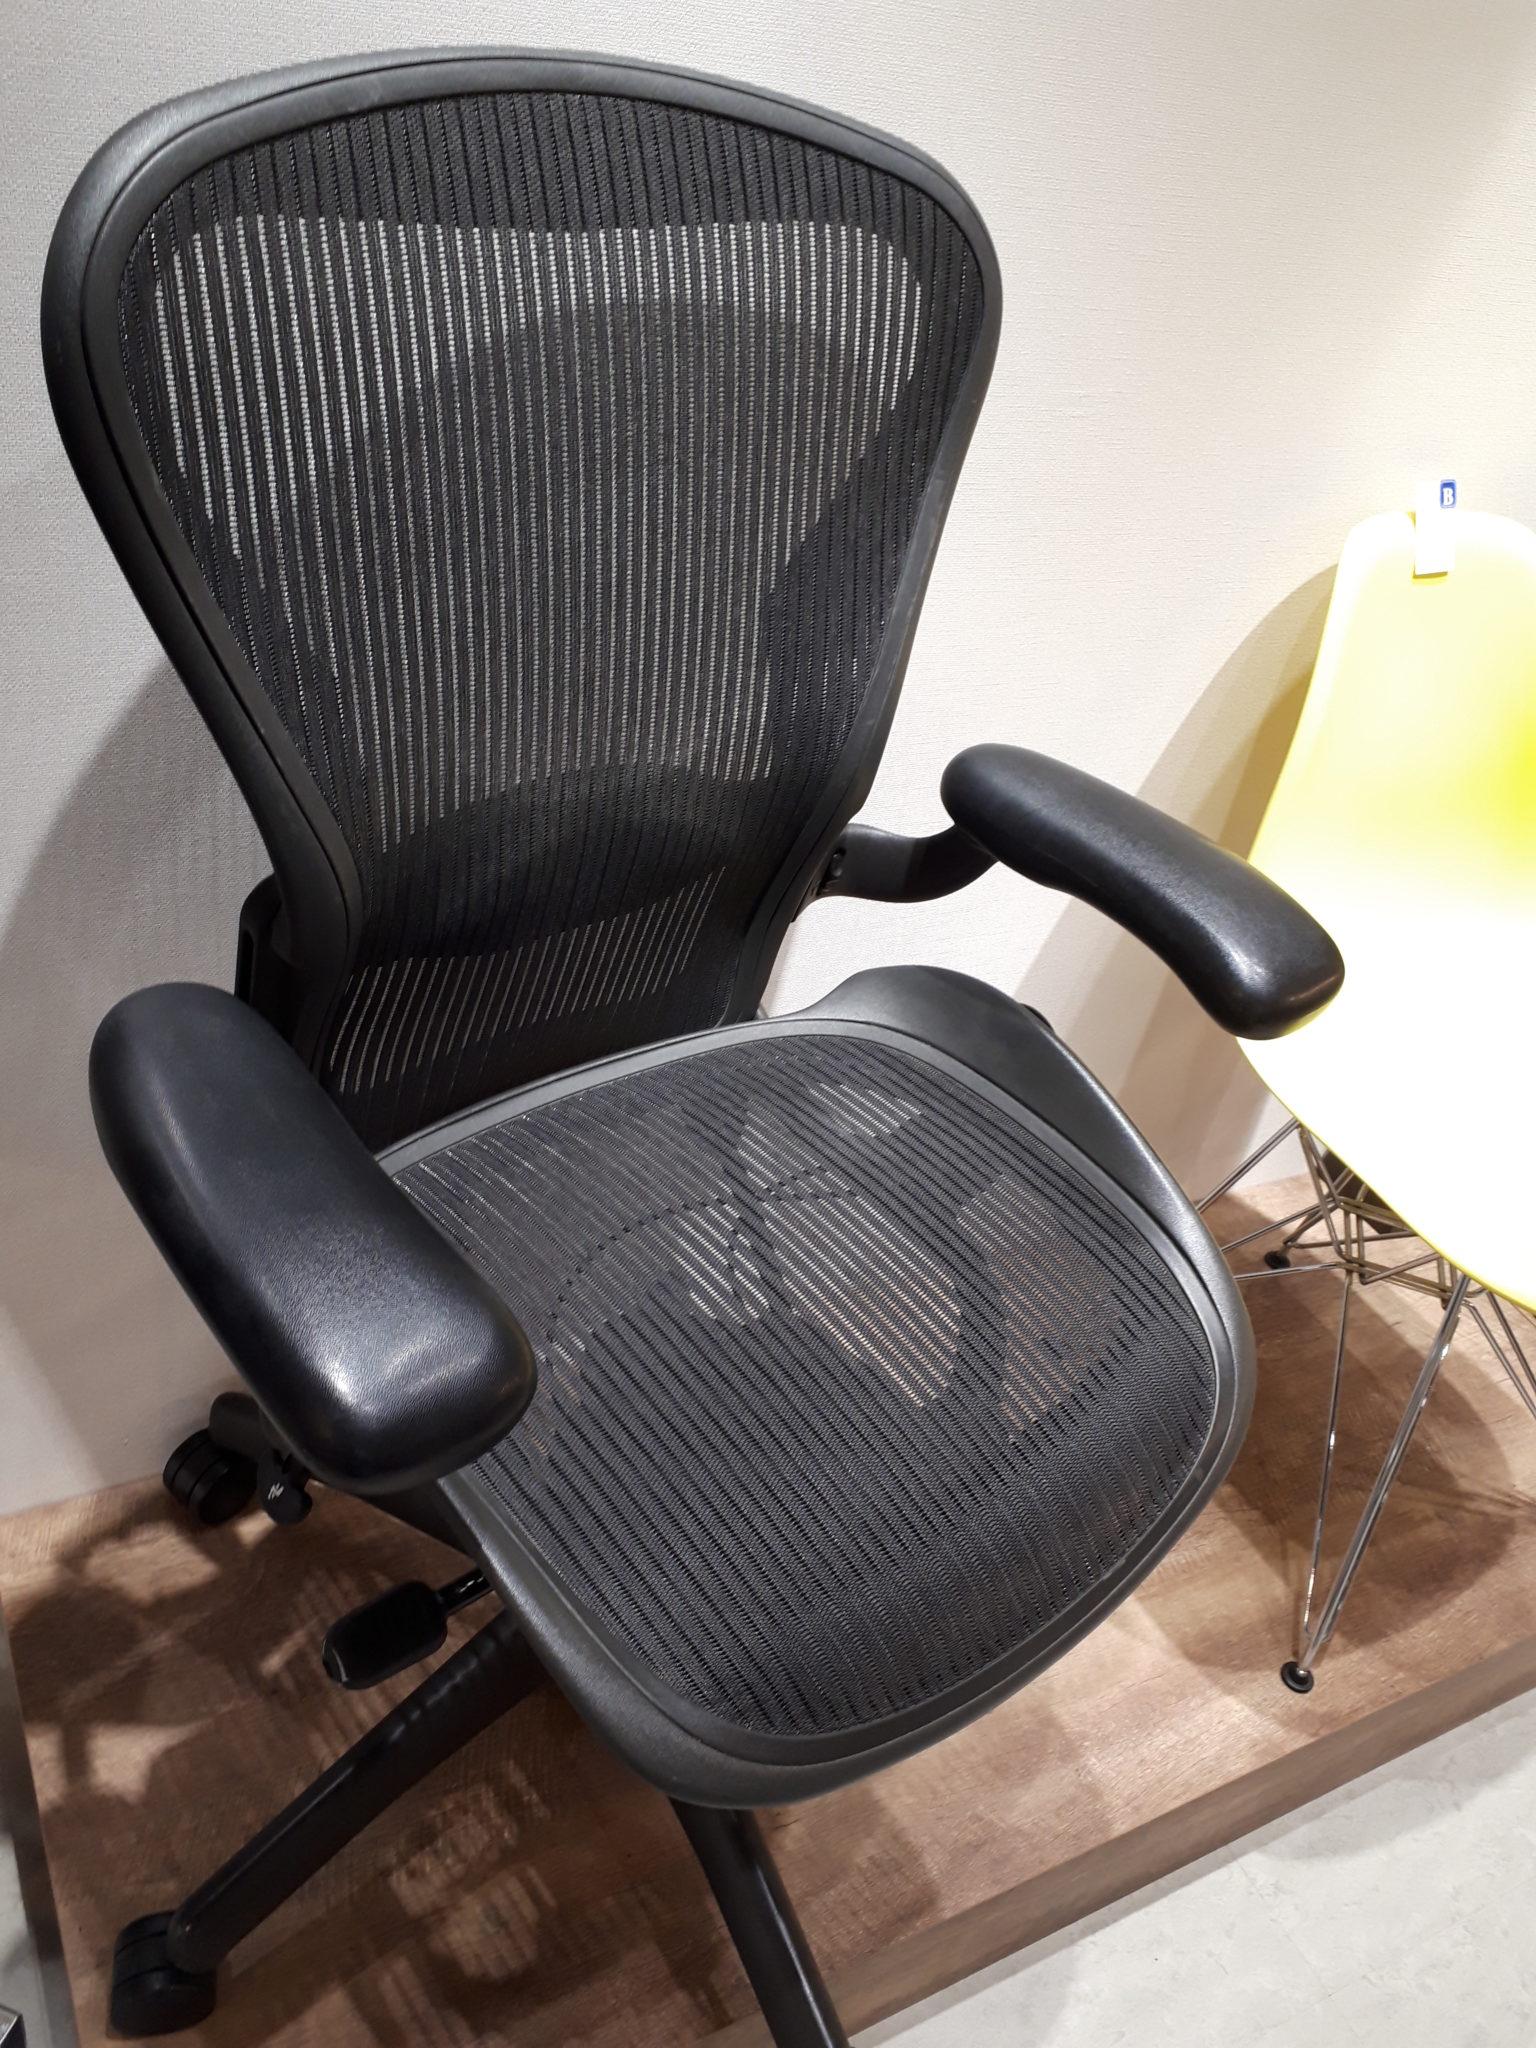 【盛岡 買取 質】デザイナーズ家具も質入れ出来ます!